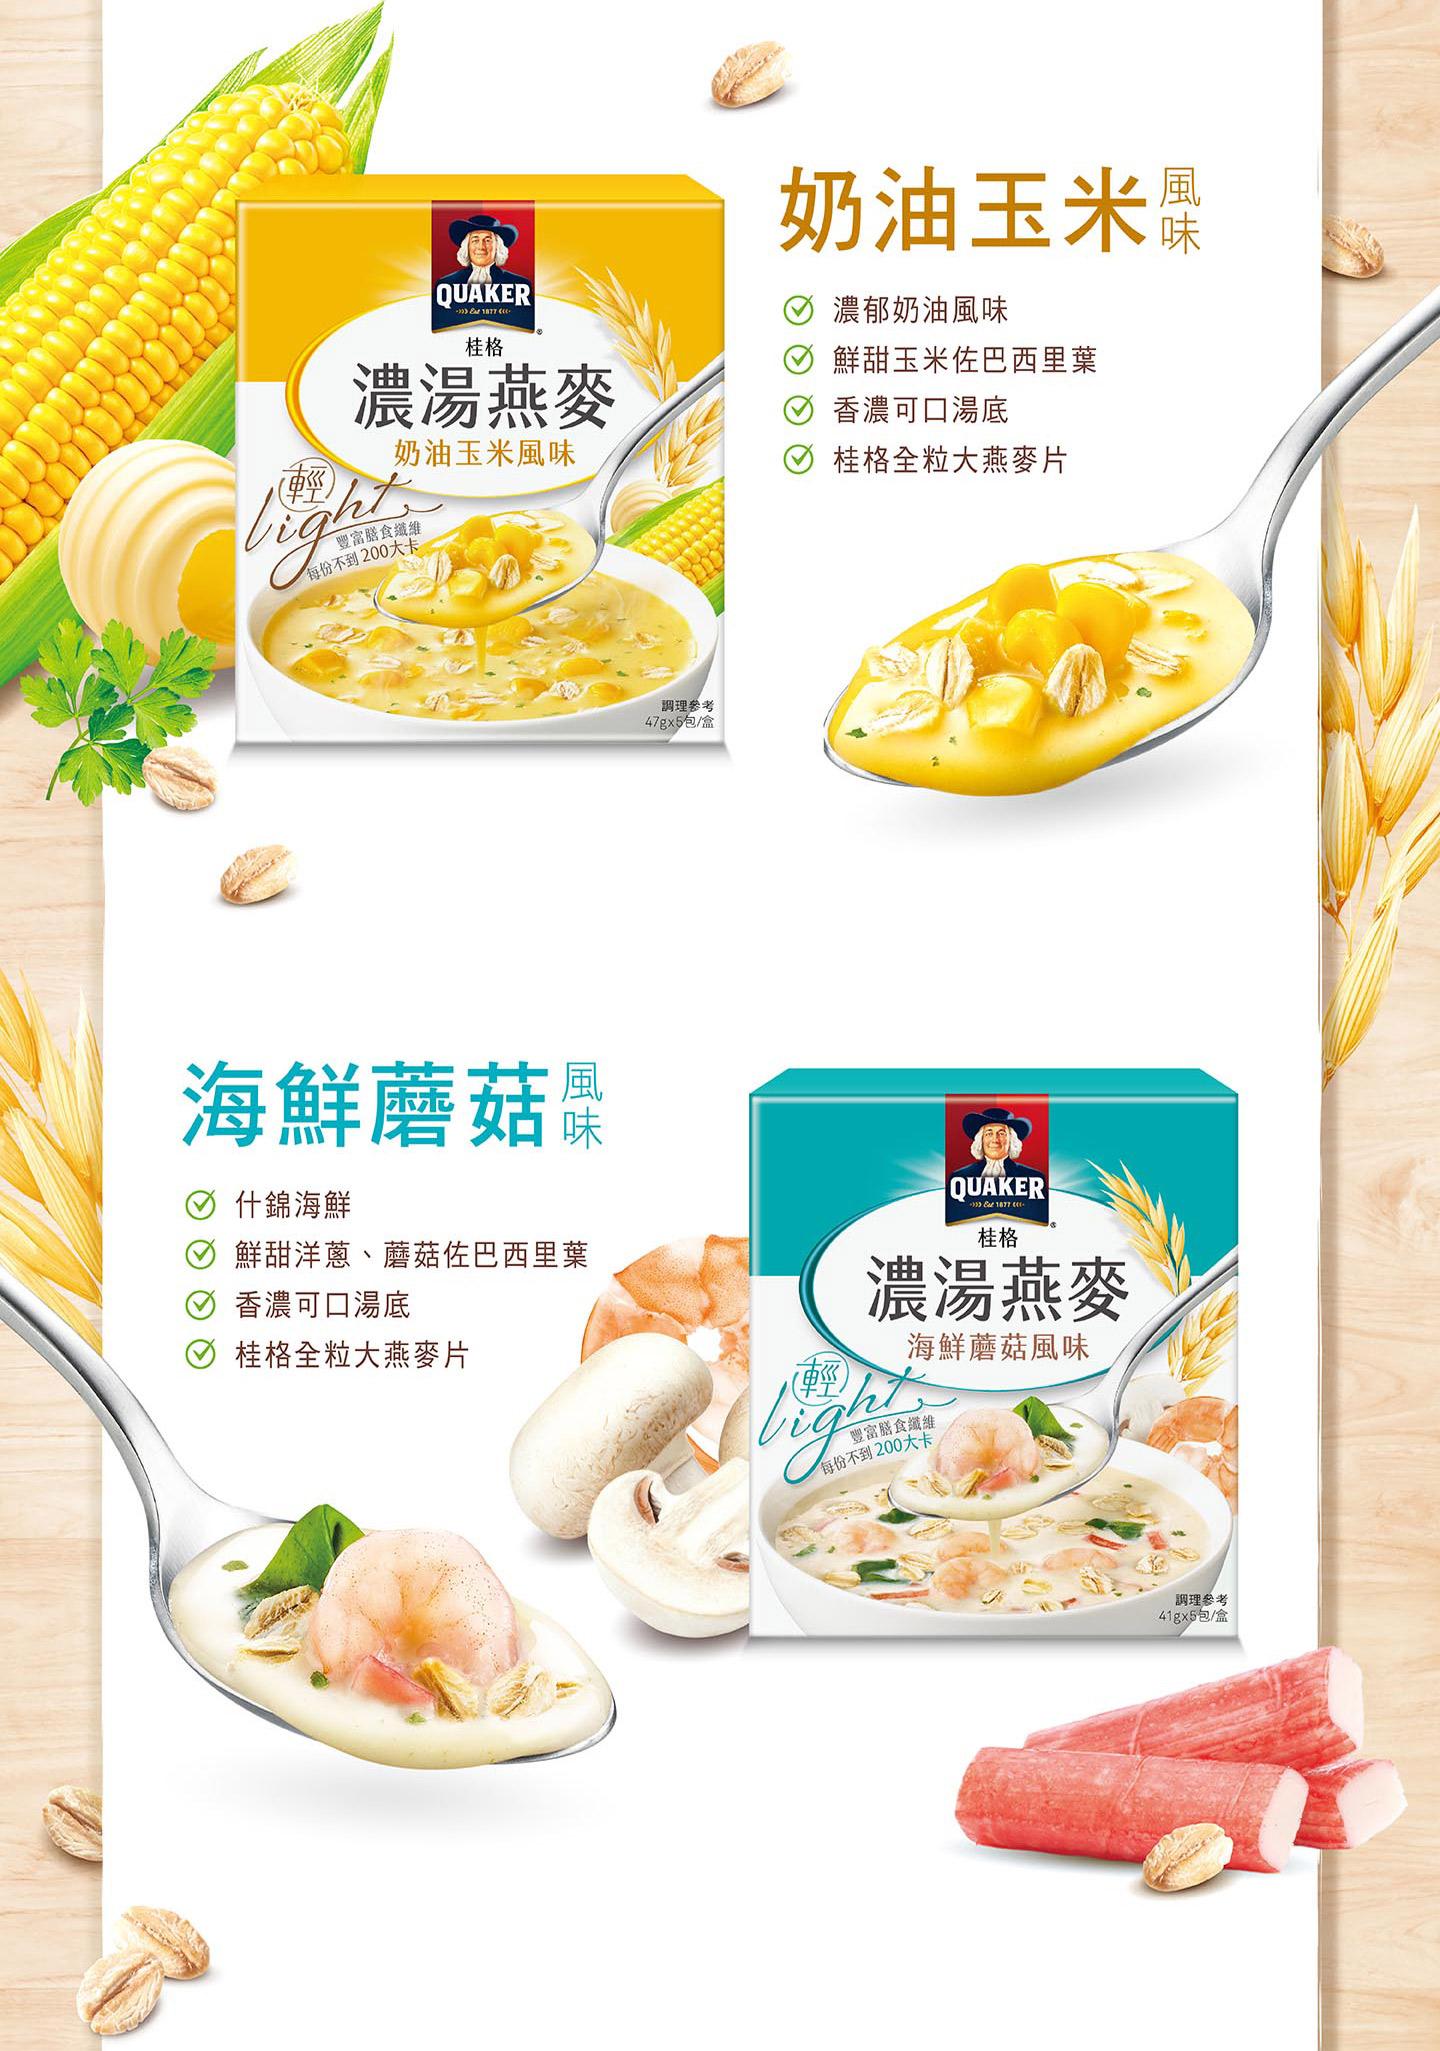 鮮奶油玉米, 海鮮蘑菇風味